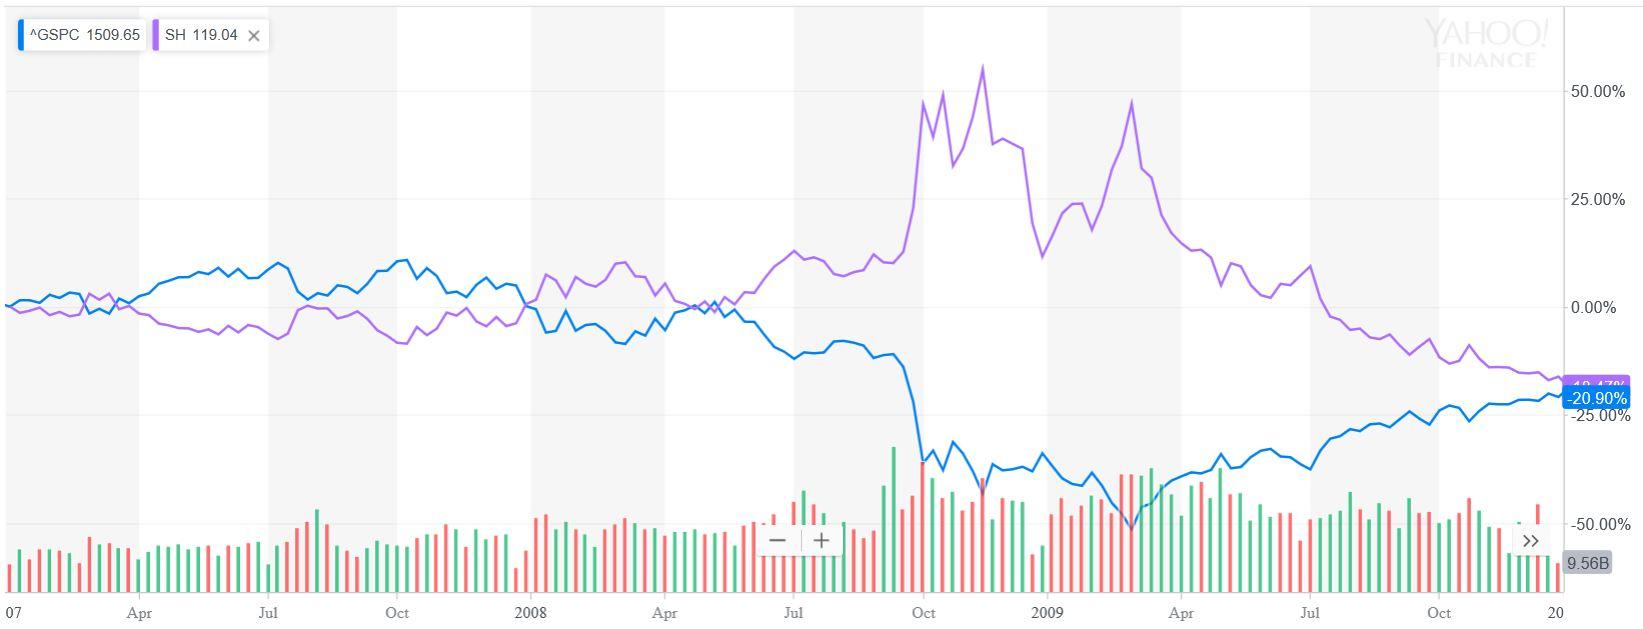 SH vs S&P 500